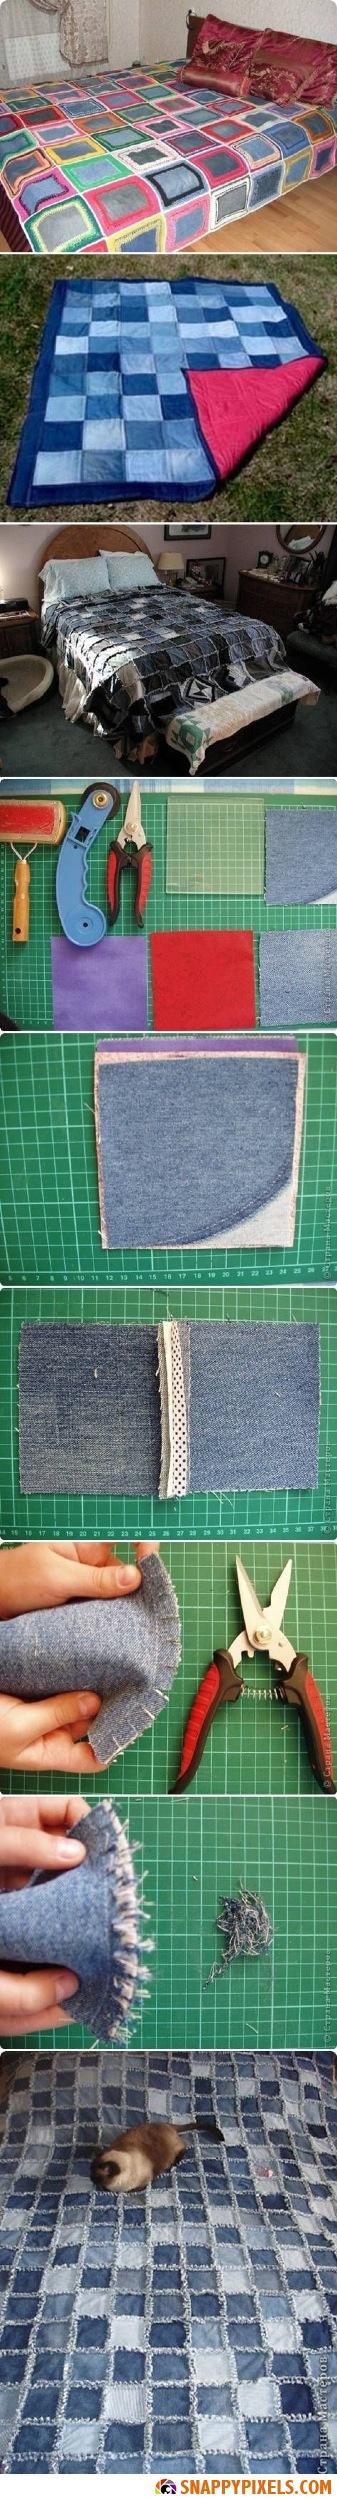 DIY Make a Denim Blanket Instructions